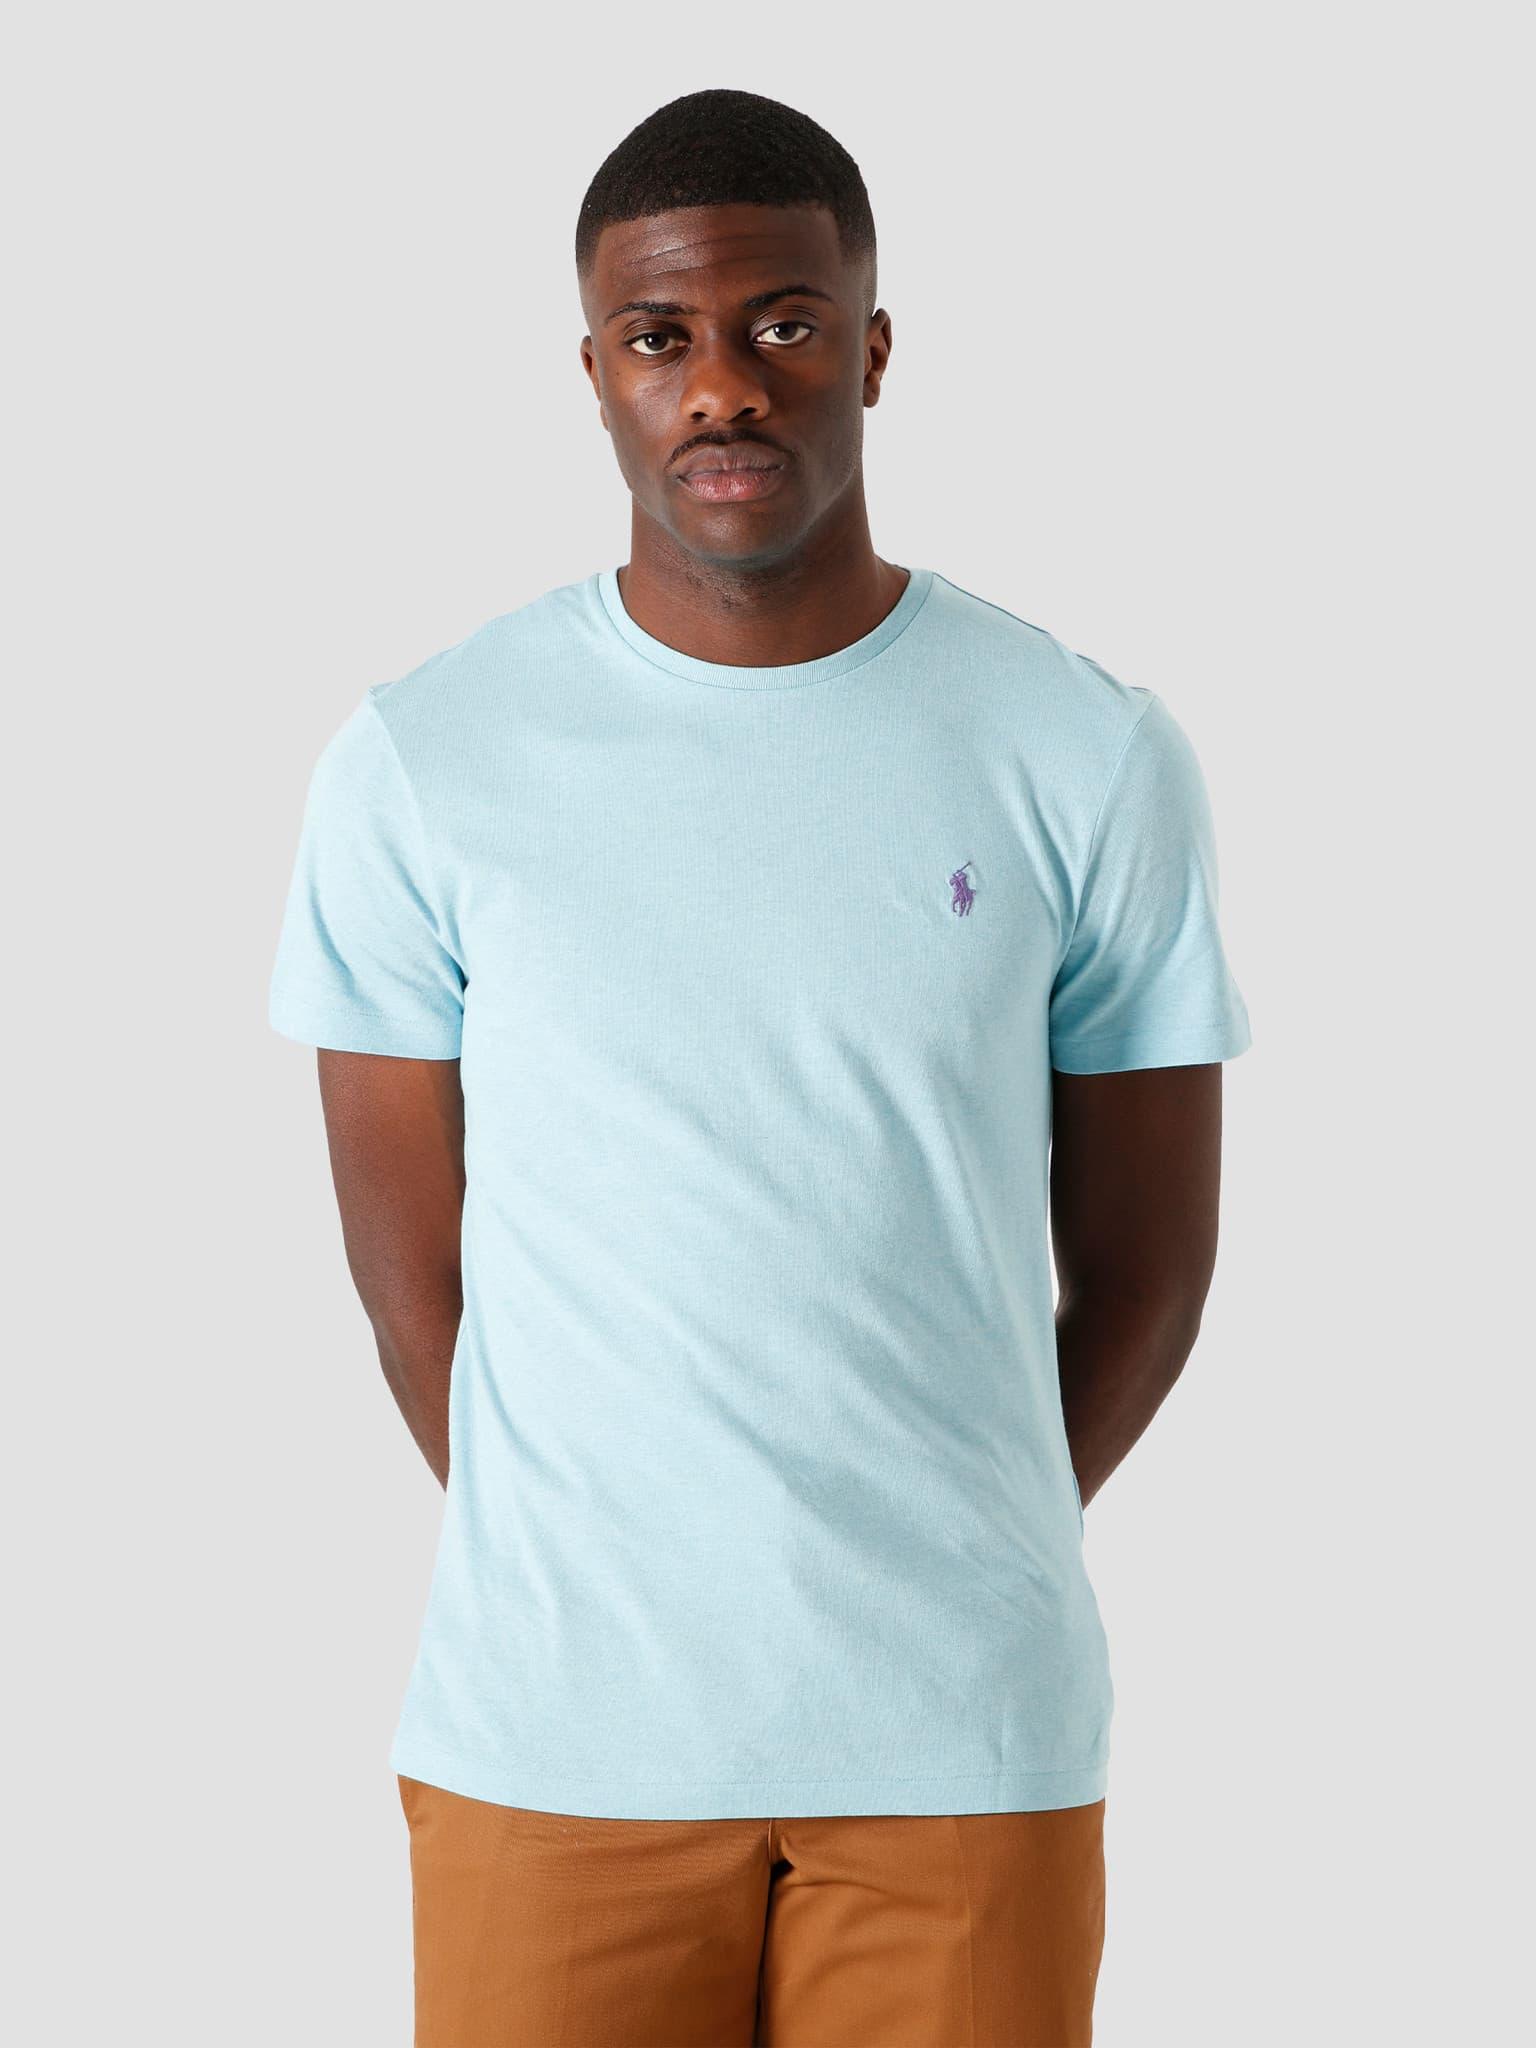 Jersey T-Shirt Watchhill Blue 710671438125